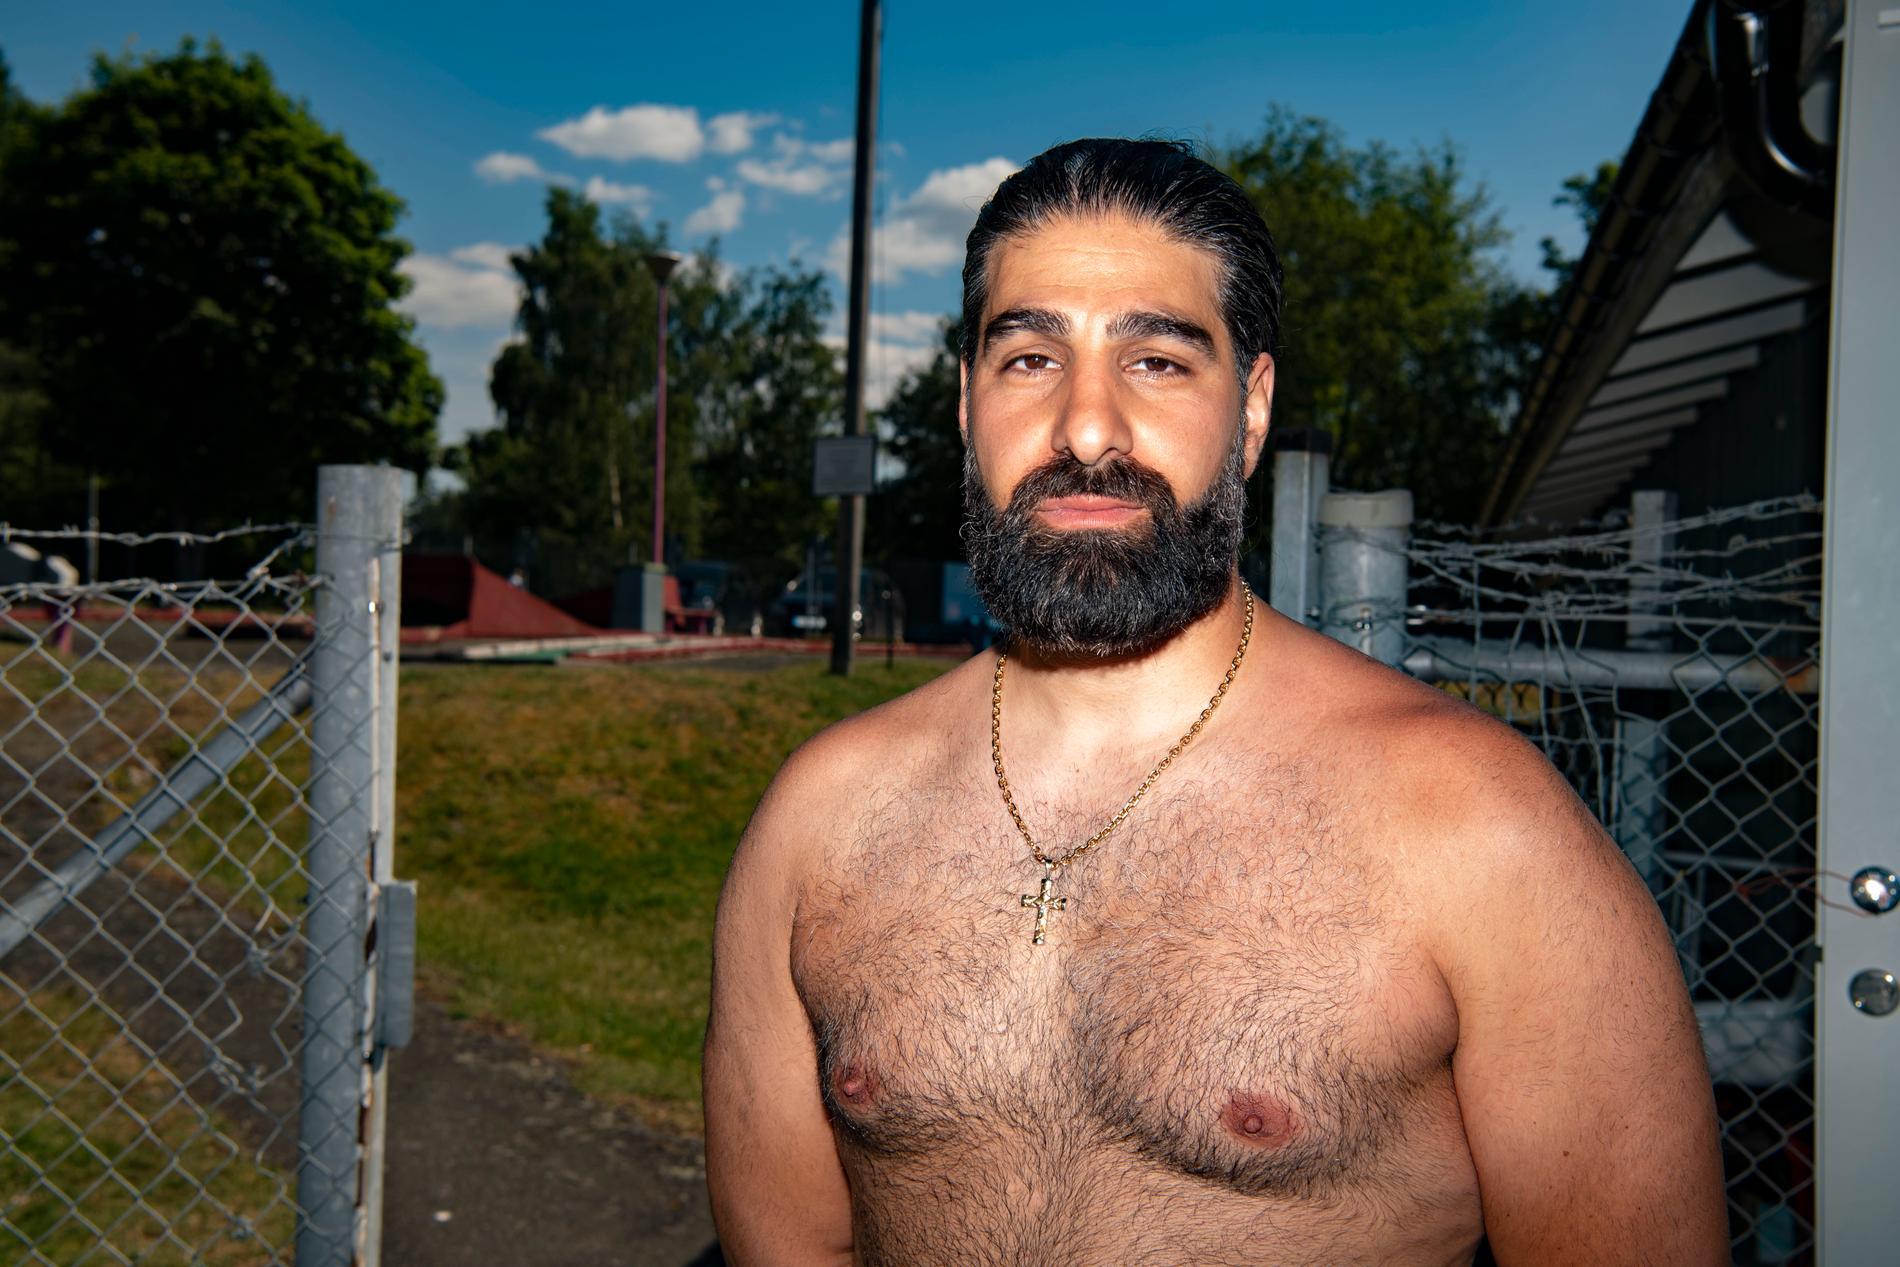 Jakob Demir, vars familj driver en kiosk på badplatsen, berättar om en dämpad stämning.